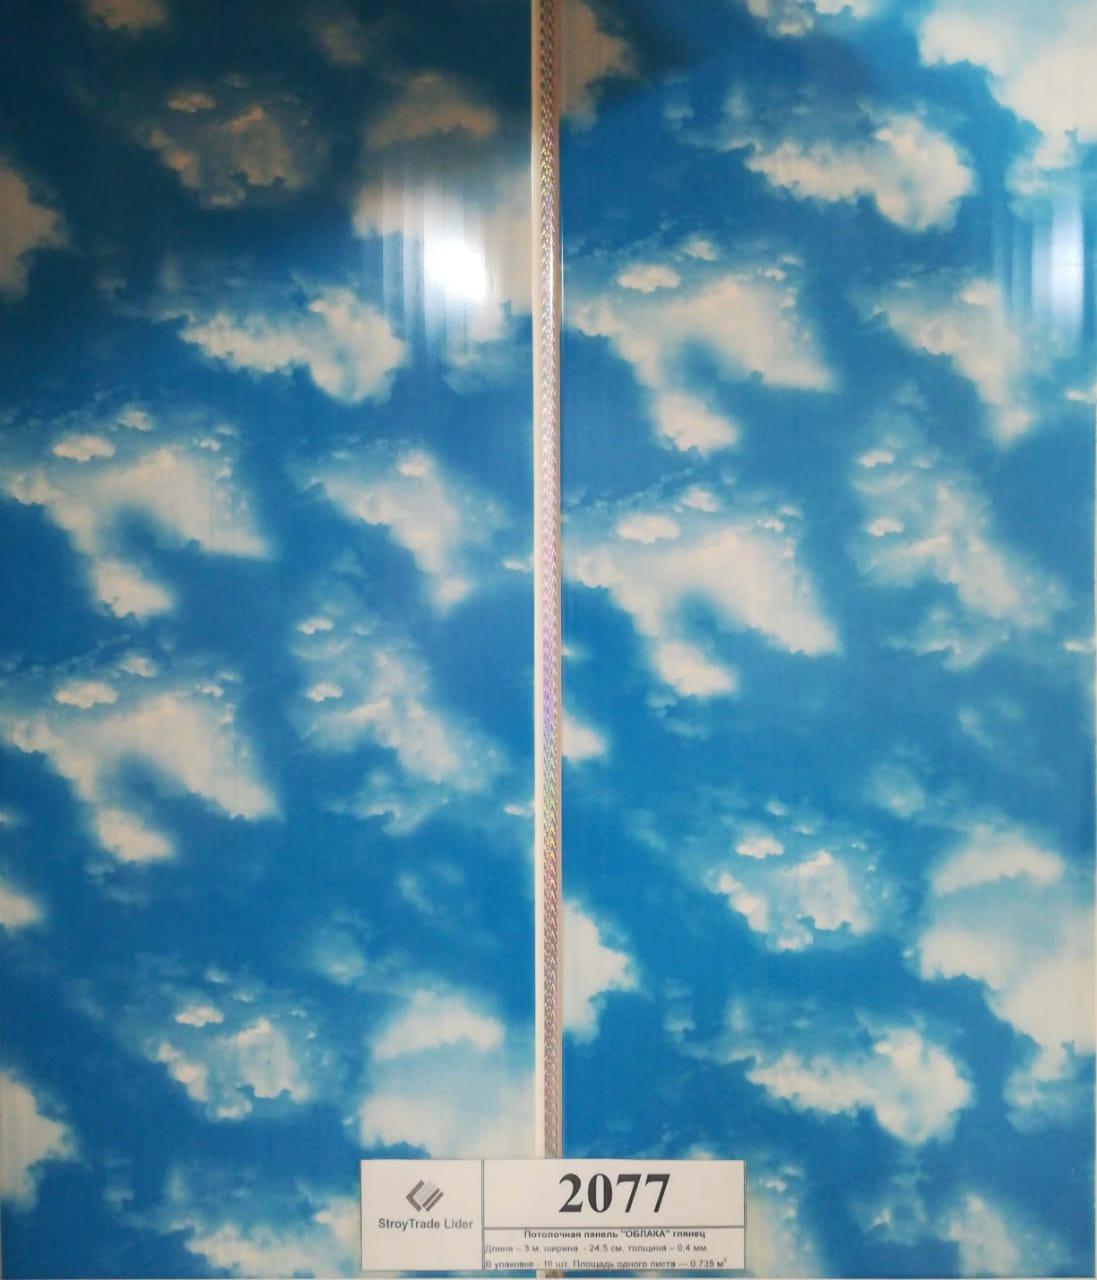 Декор панель потолочный (2077)